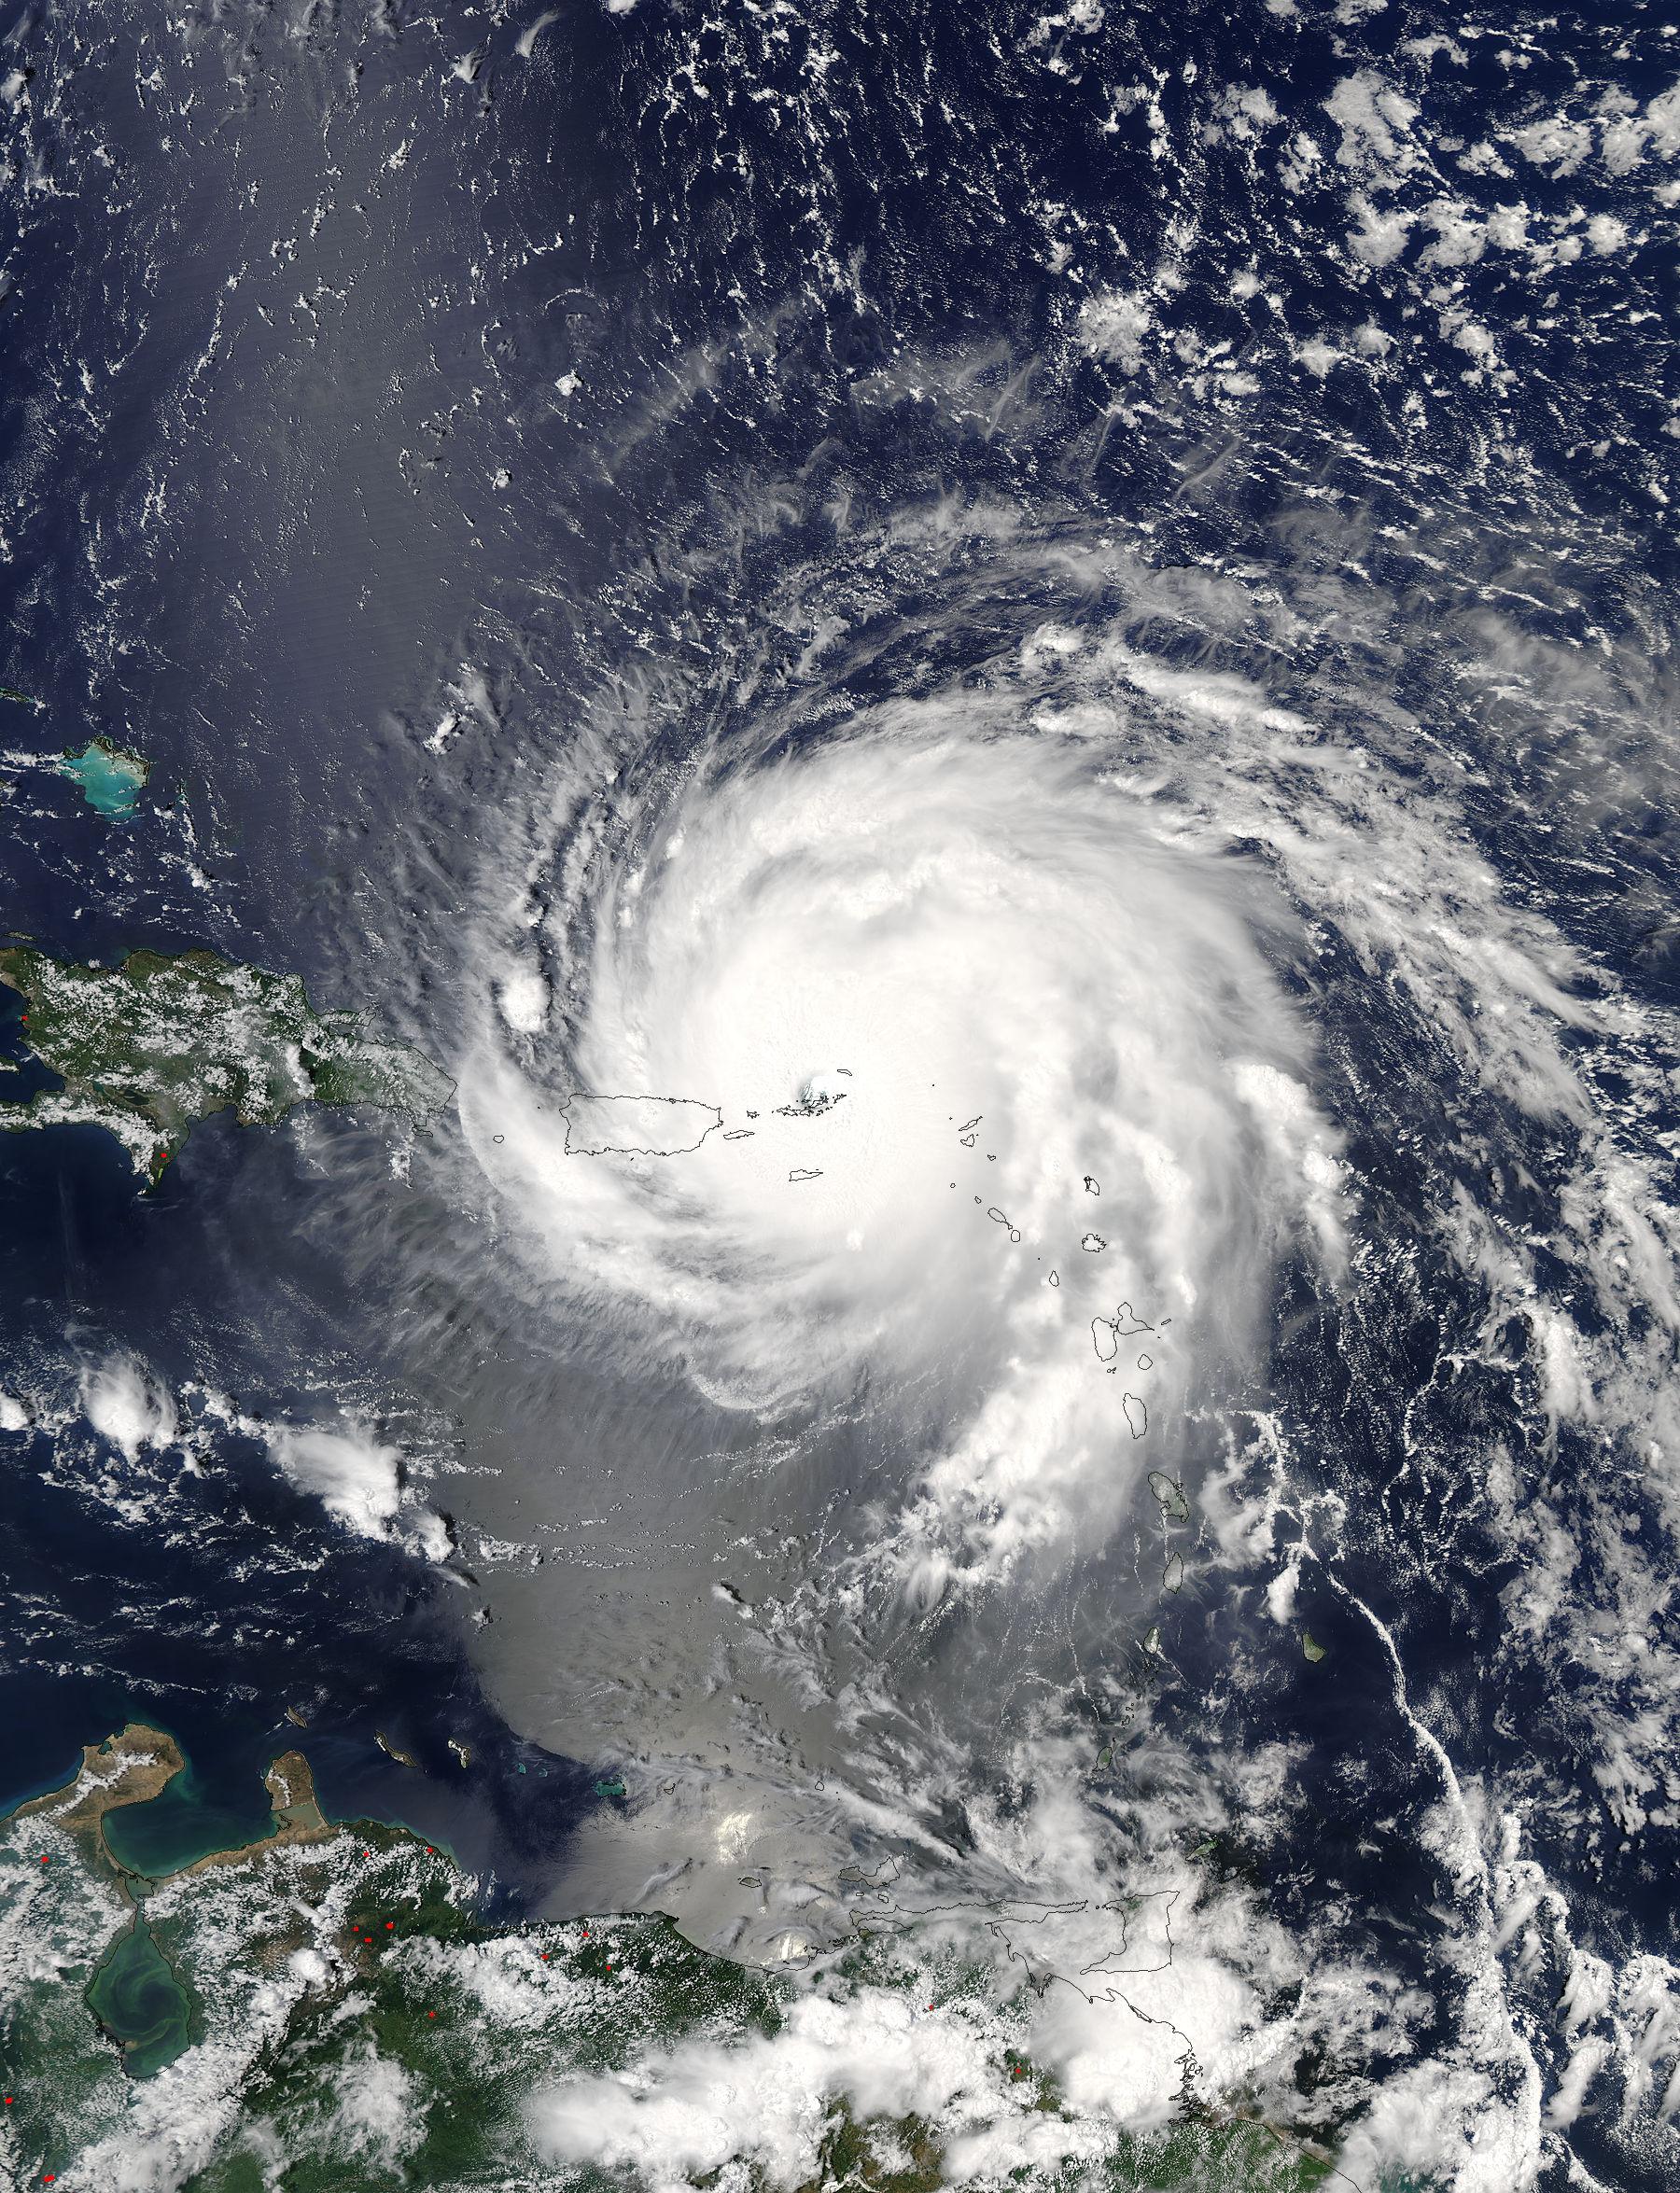 La ONU lanza operaciones de emergencia en el Caribe tras el paso de Irma